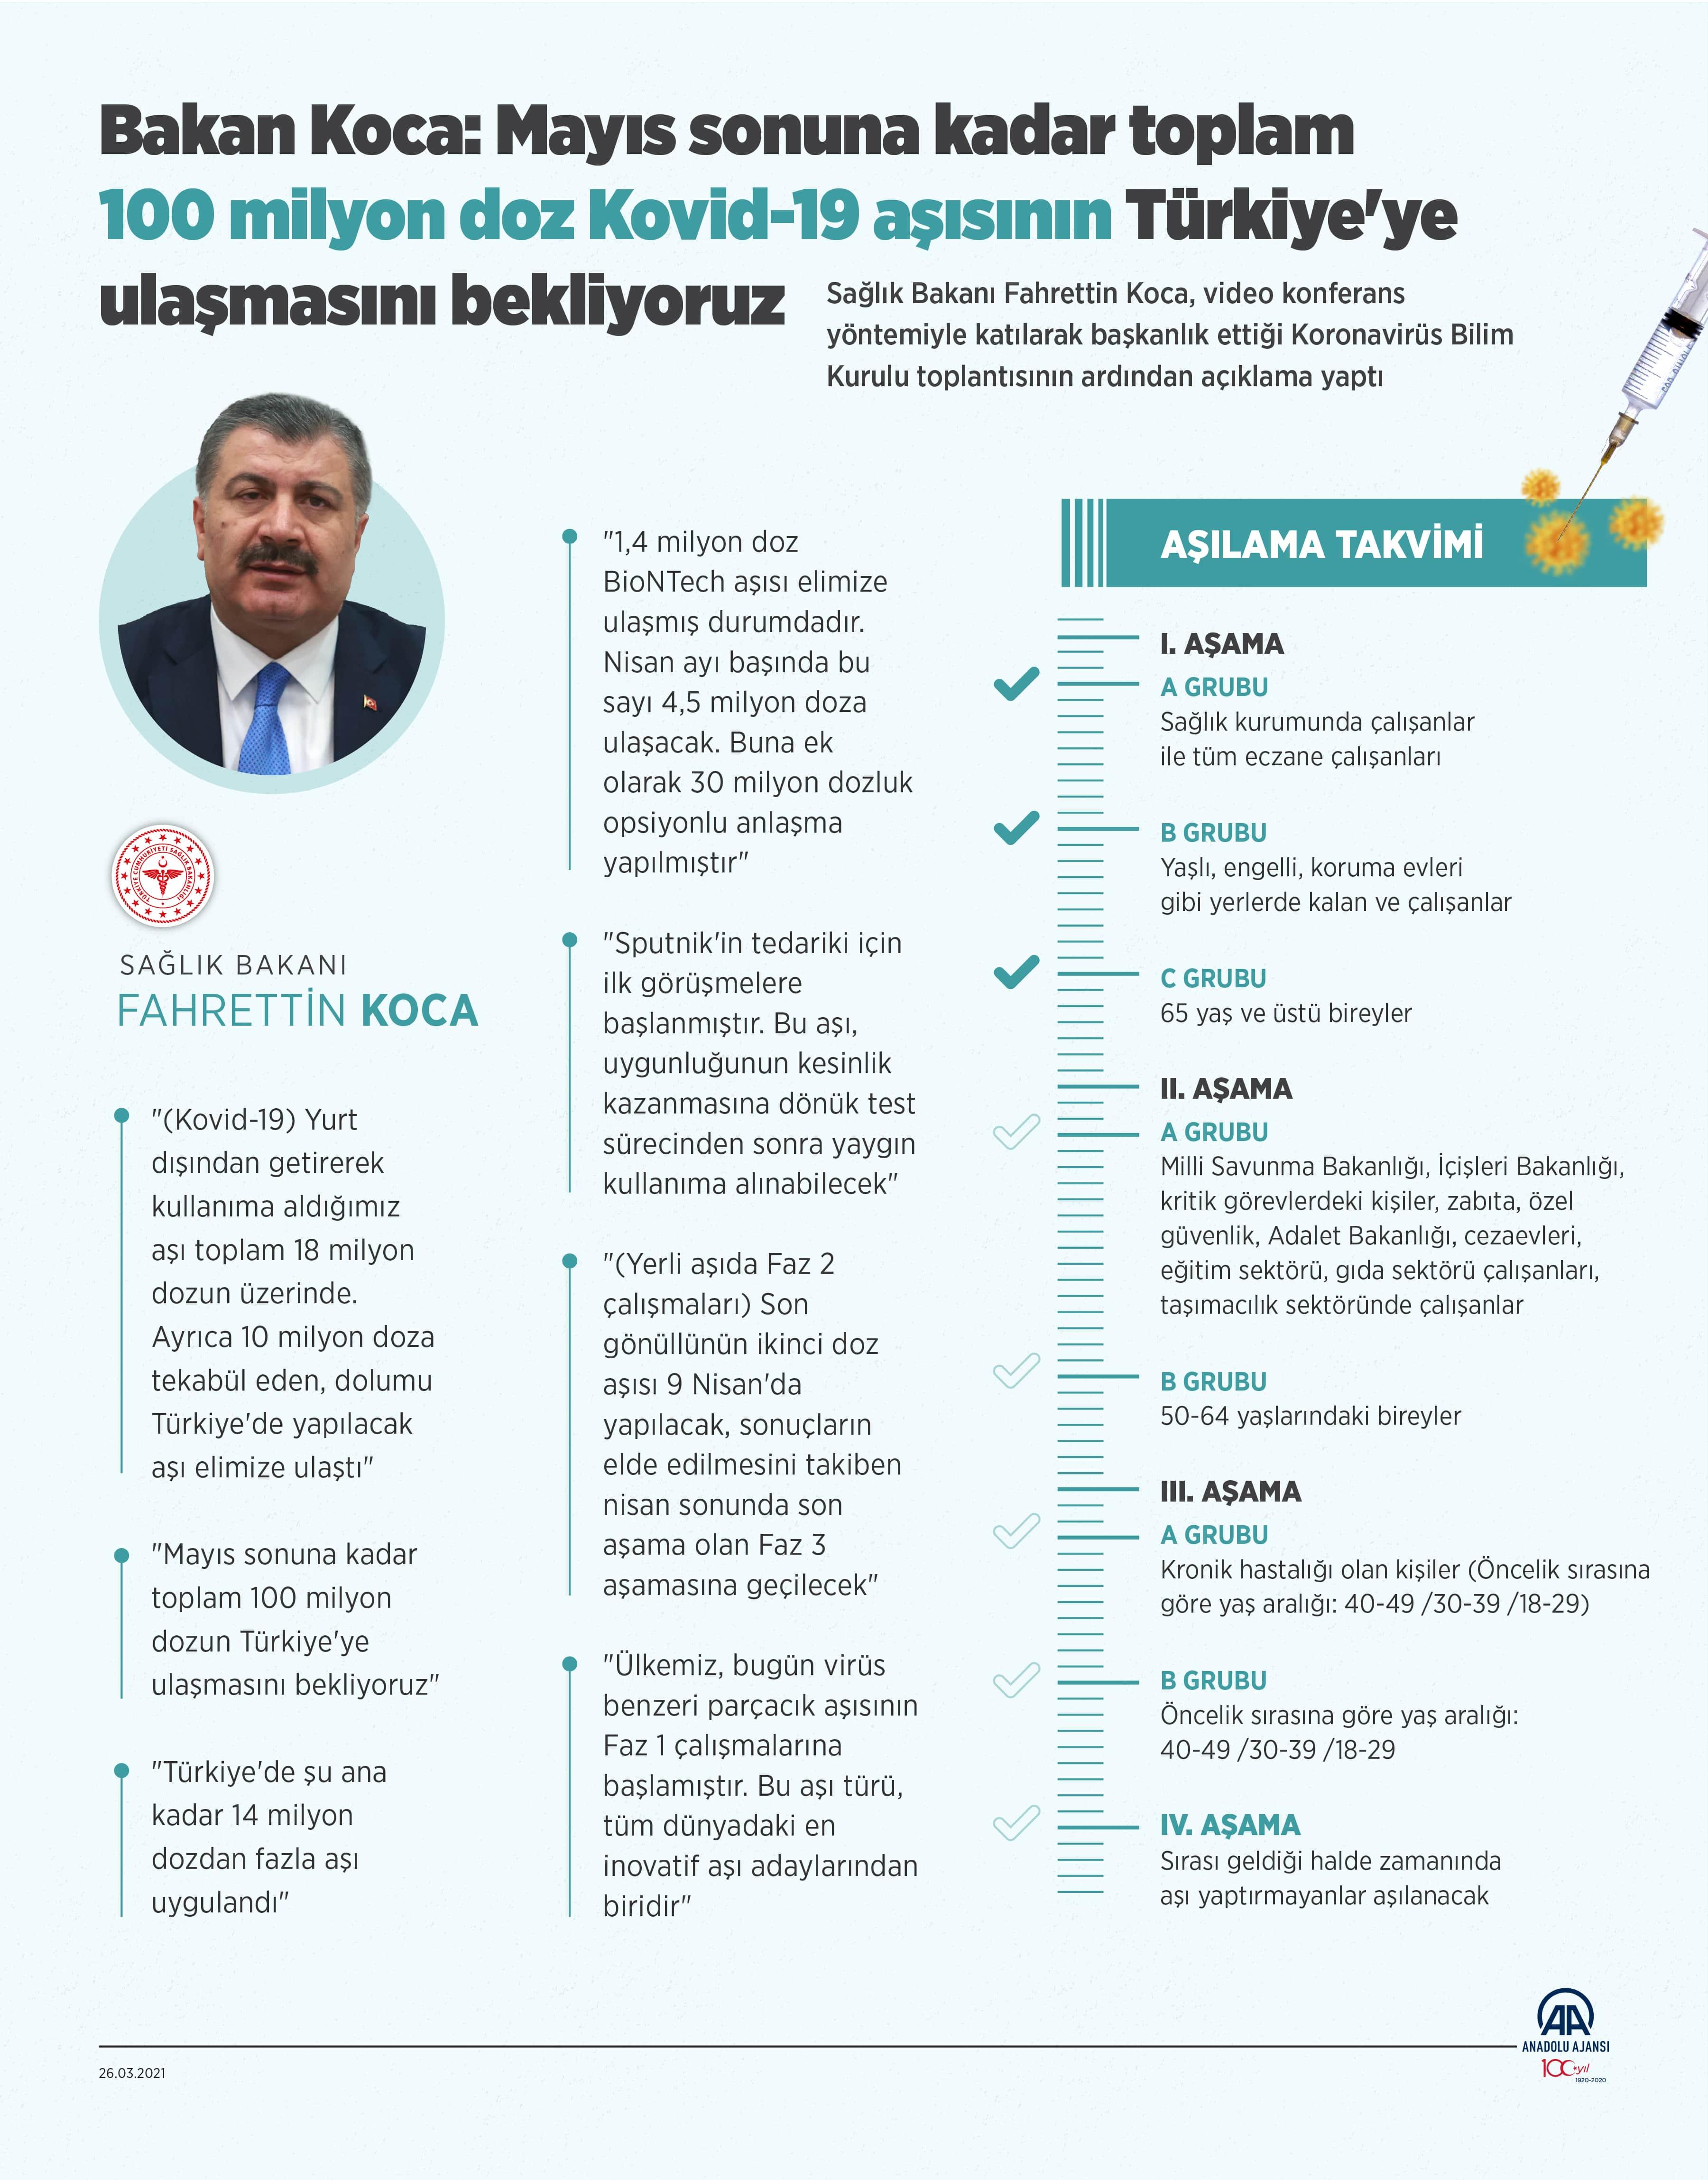 31 Mart 2021 Çarşamba Türkiye Günlük Koronavirüs Tablosu | Bugünkü korona tablosu| Vaka ve ölüm sayısı kaç oldu?